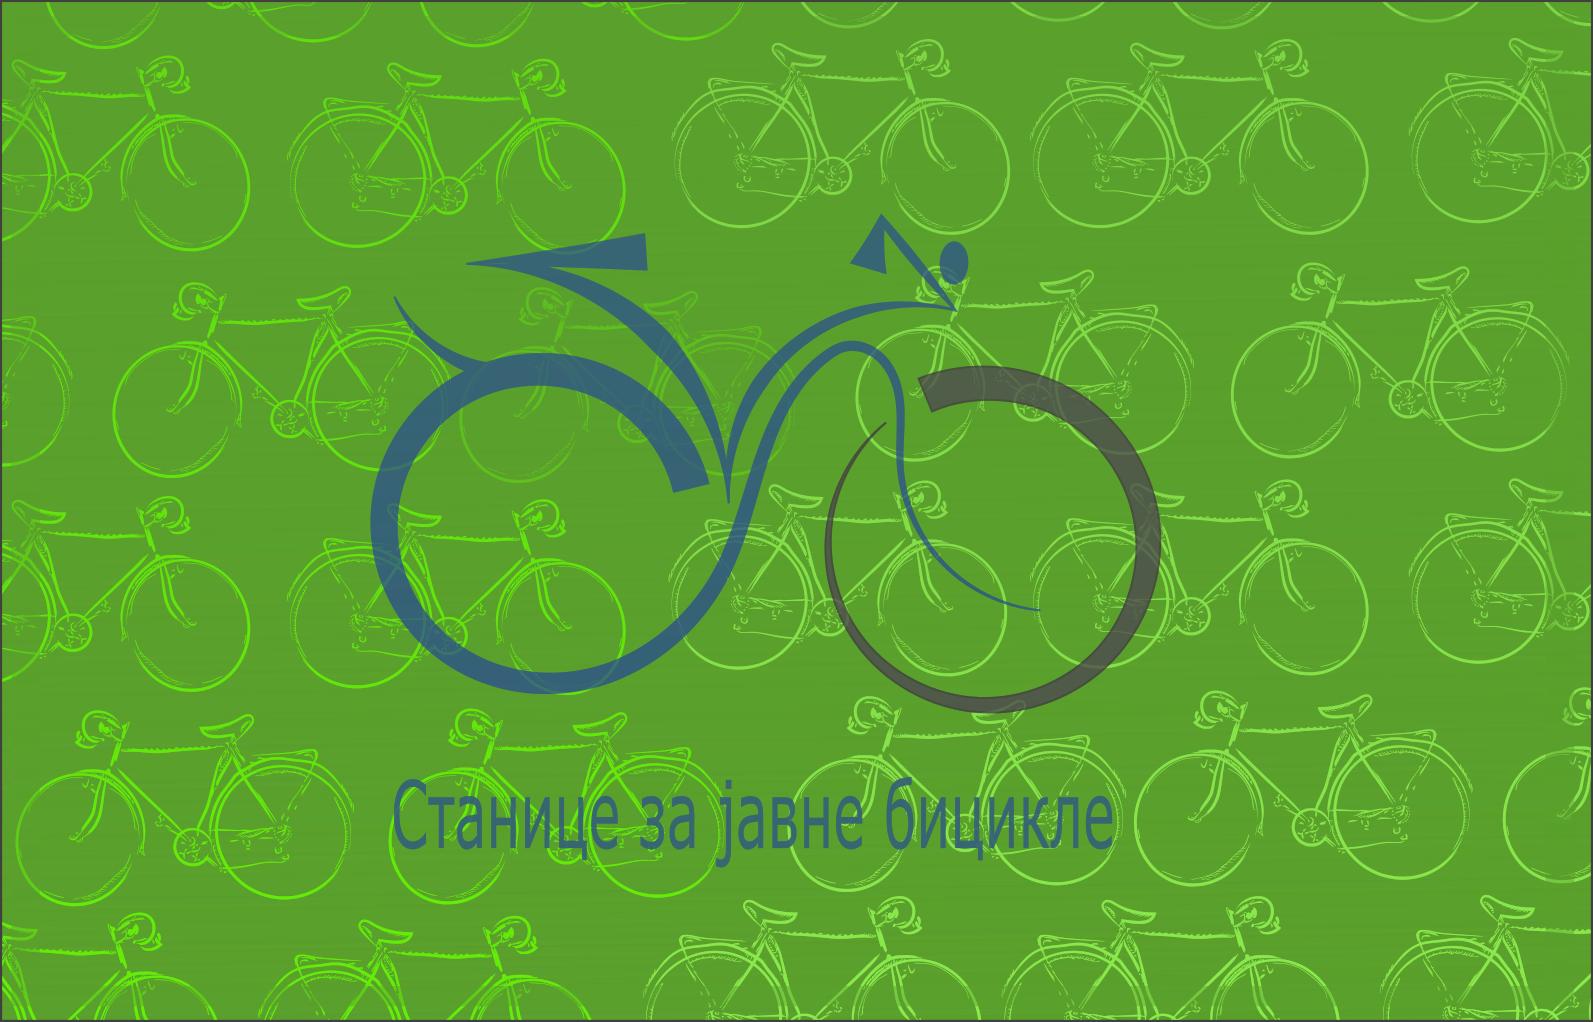 Јавни бицикли